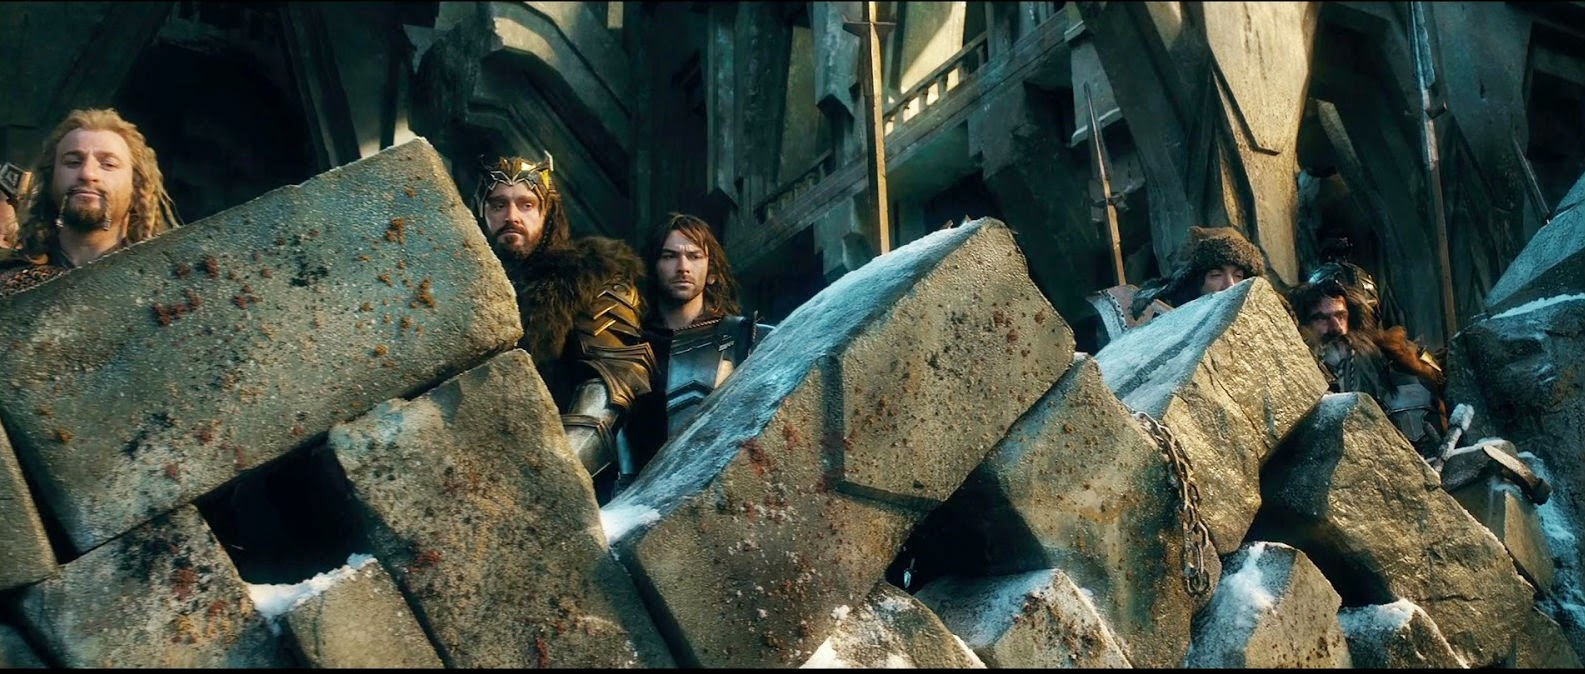 El Hobbit: La Batalla de los Cinco Ejércitos, thorin, fili, kili, enanos, richard armitage, peter jackson, el zorro con gafas